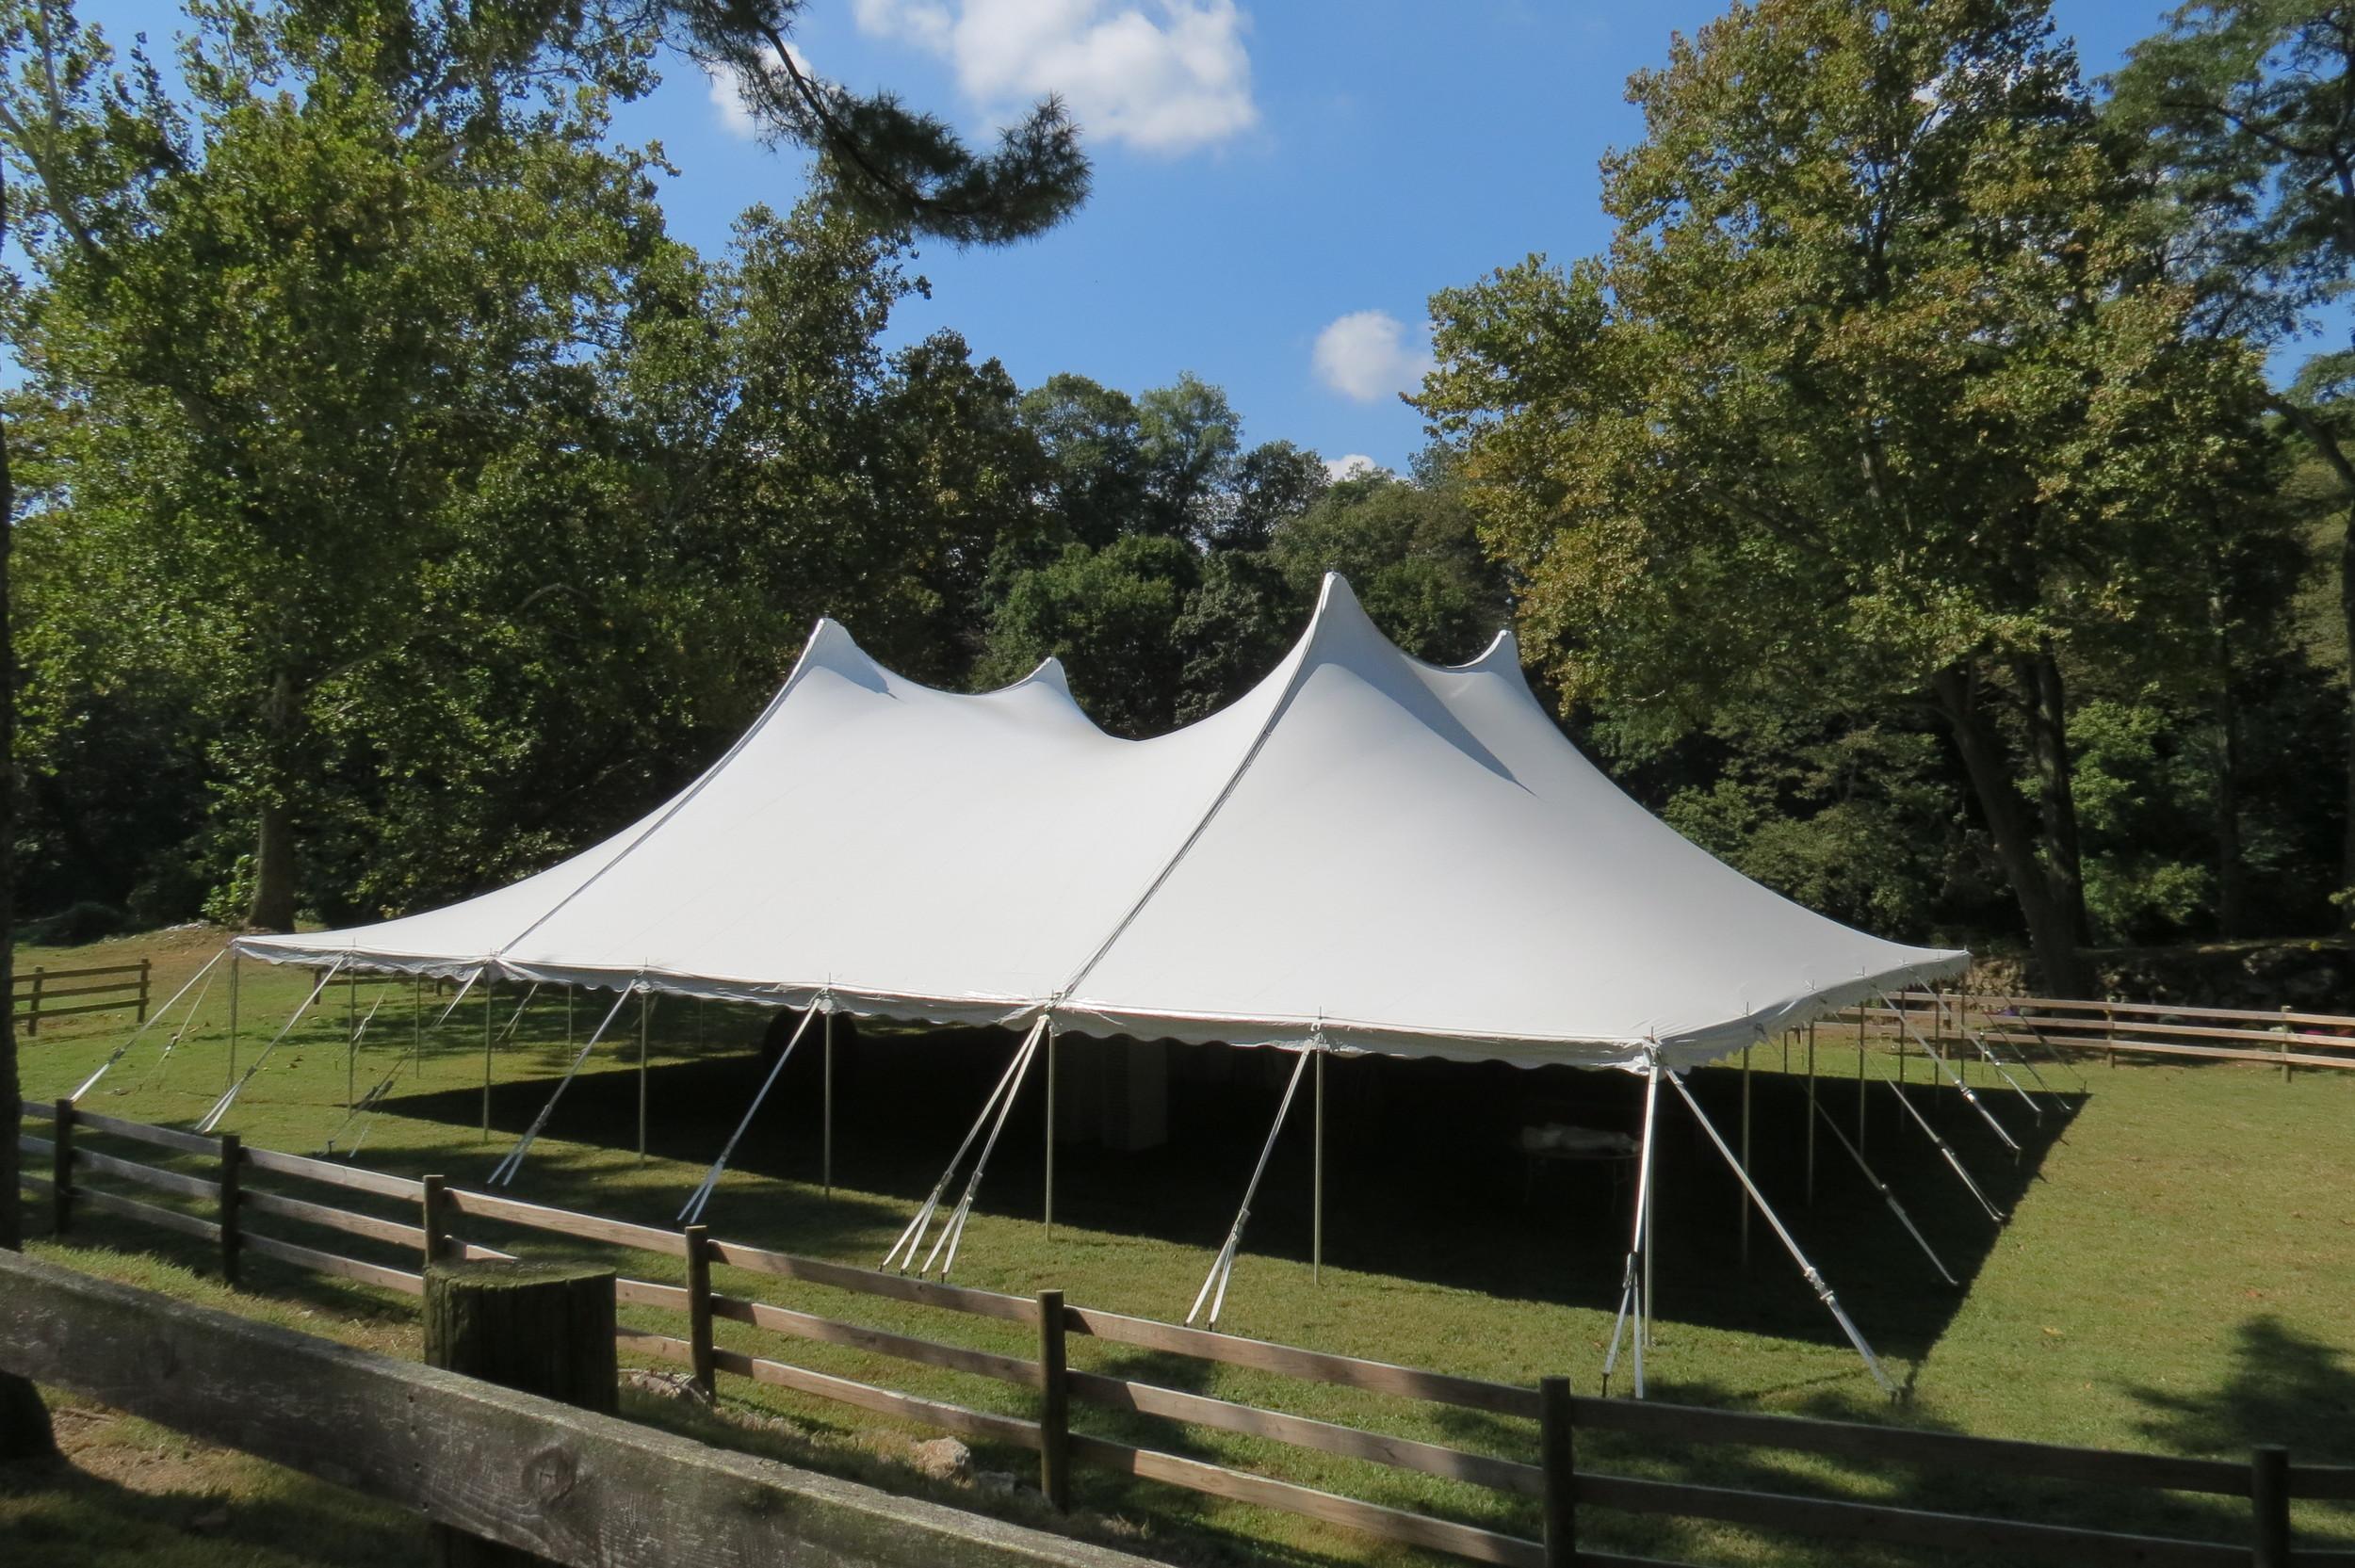 Wedding tents for rent in Delaware